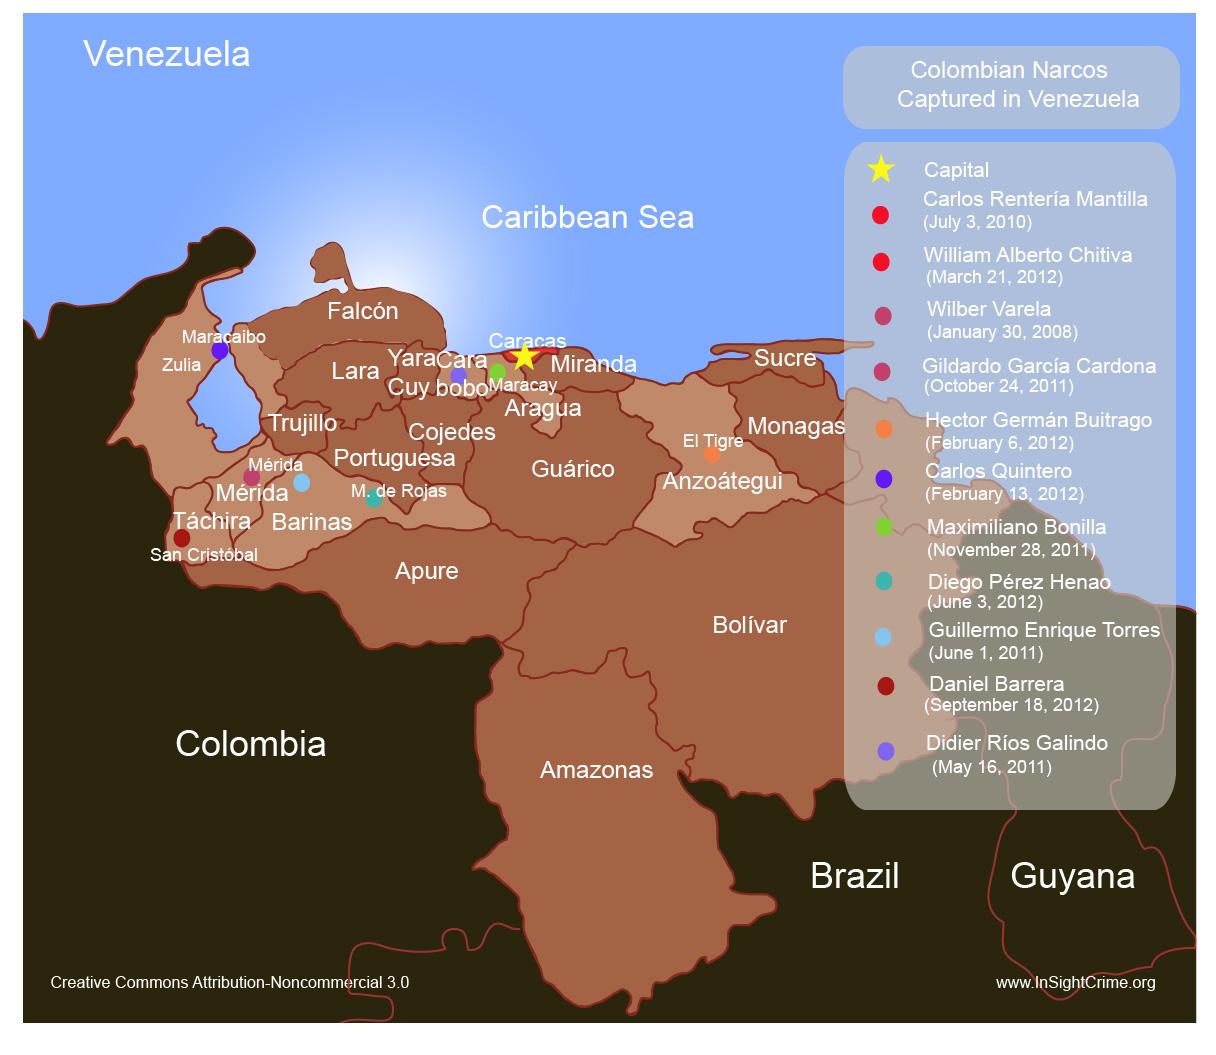 Colombia narcos venezuela